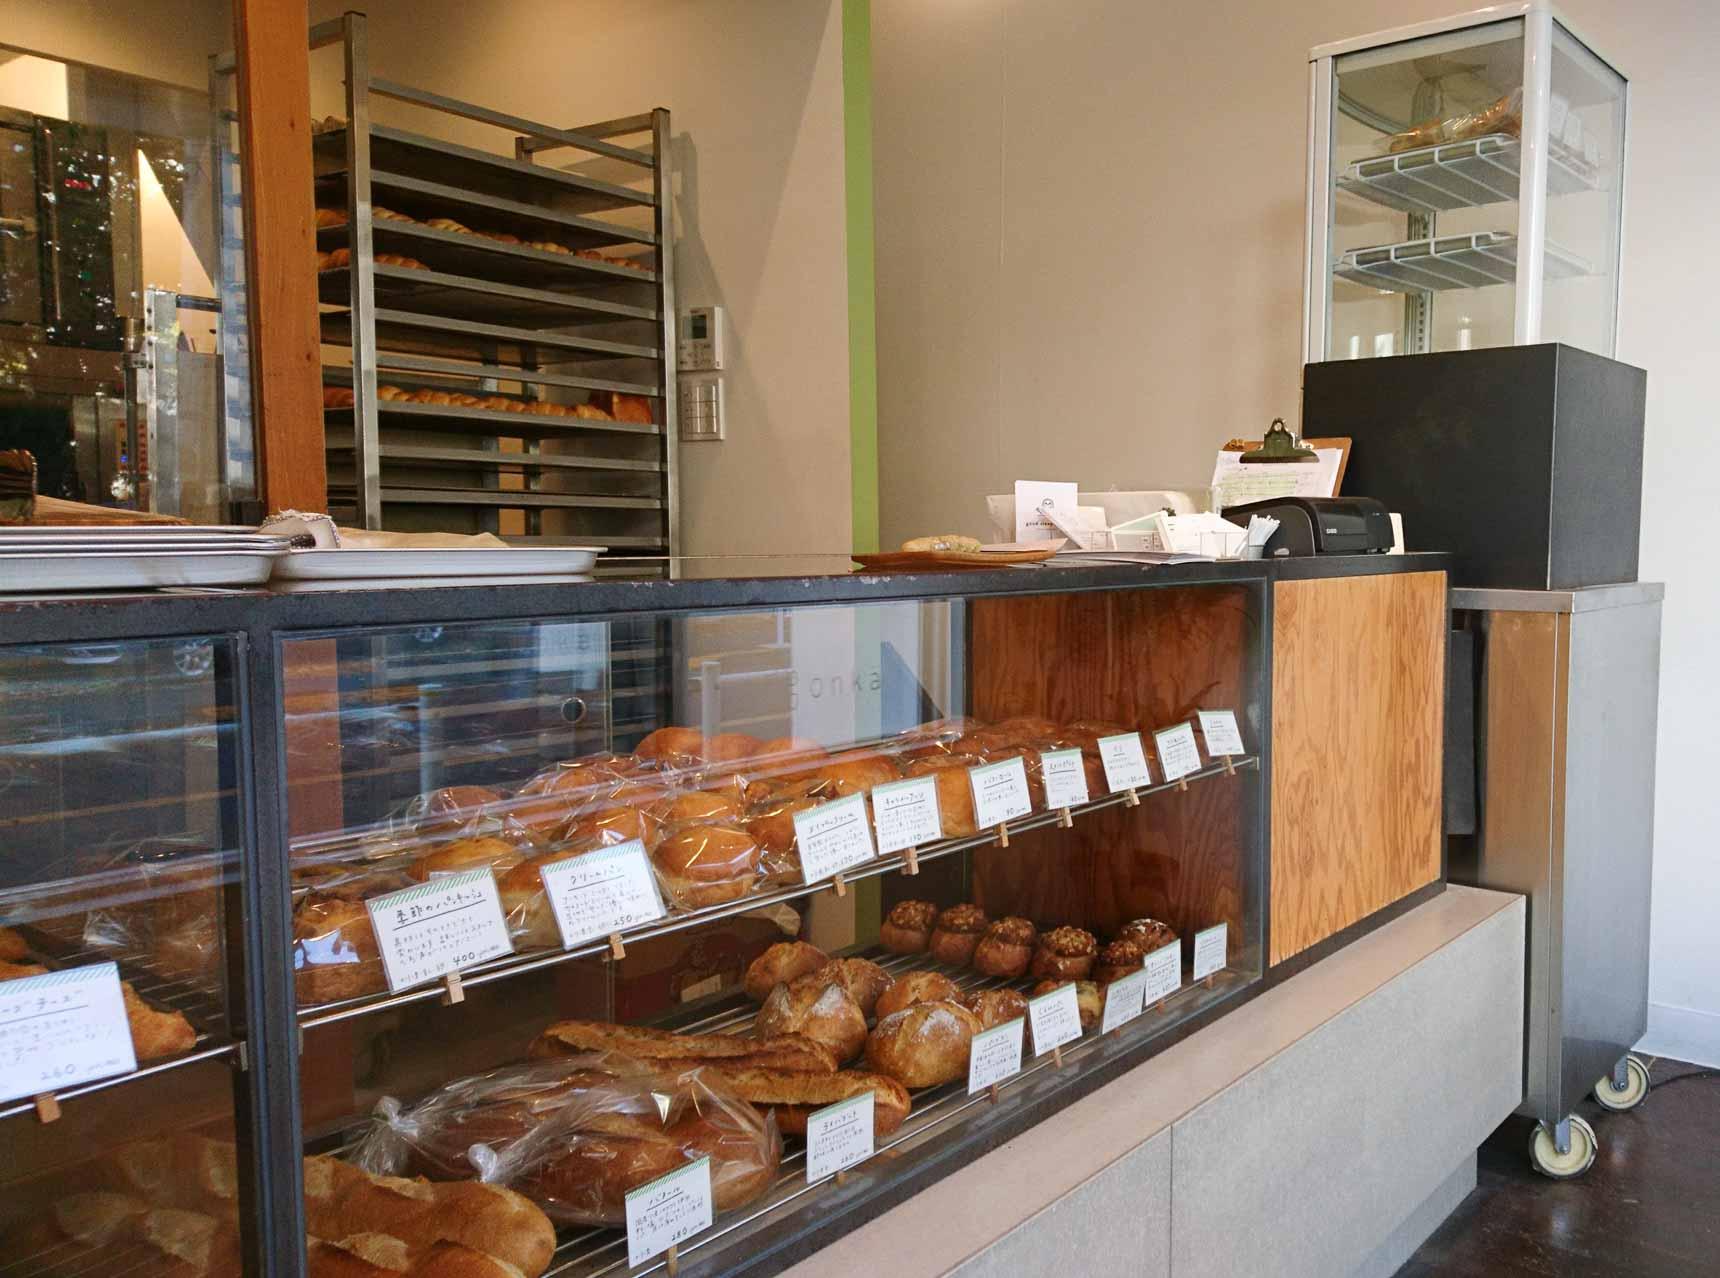 小さな店内ですが、ショーケースの中に焼きたてのパンがずらり。